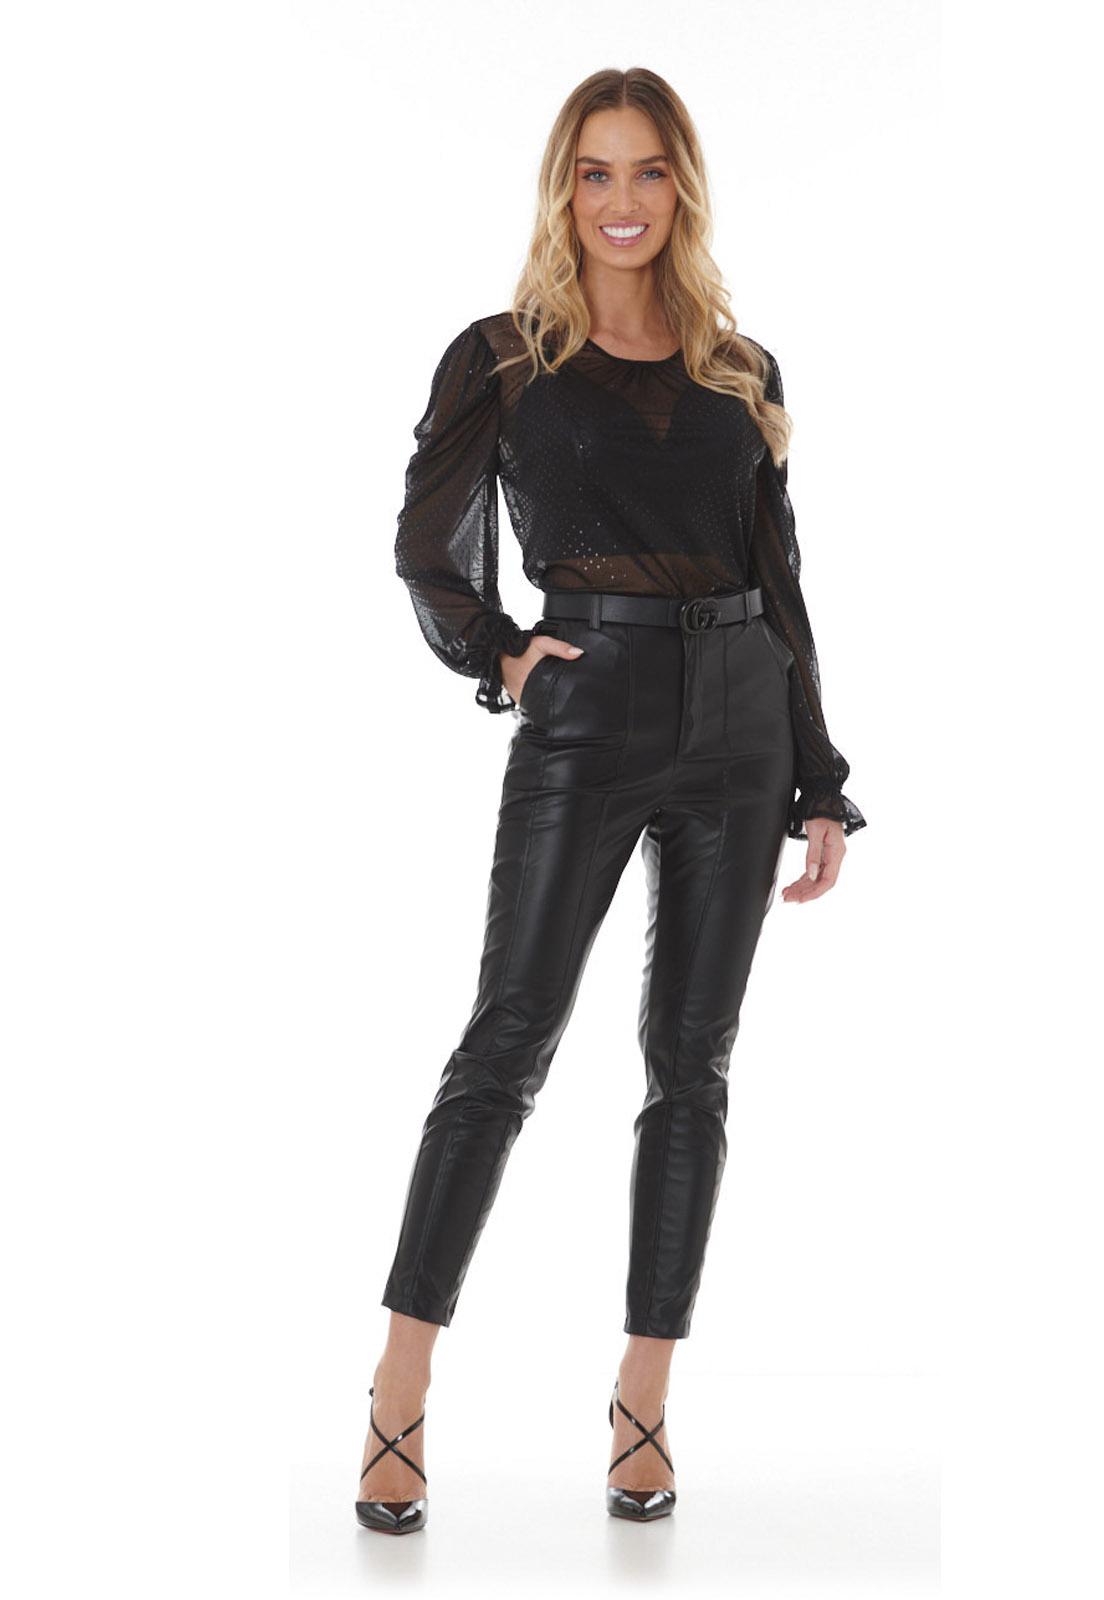 Calça PU Leather Preta Lala Dubi